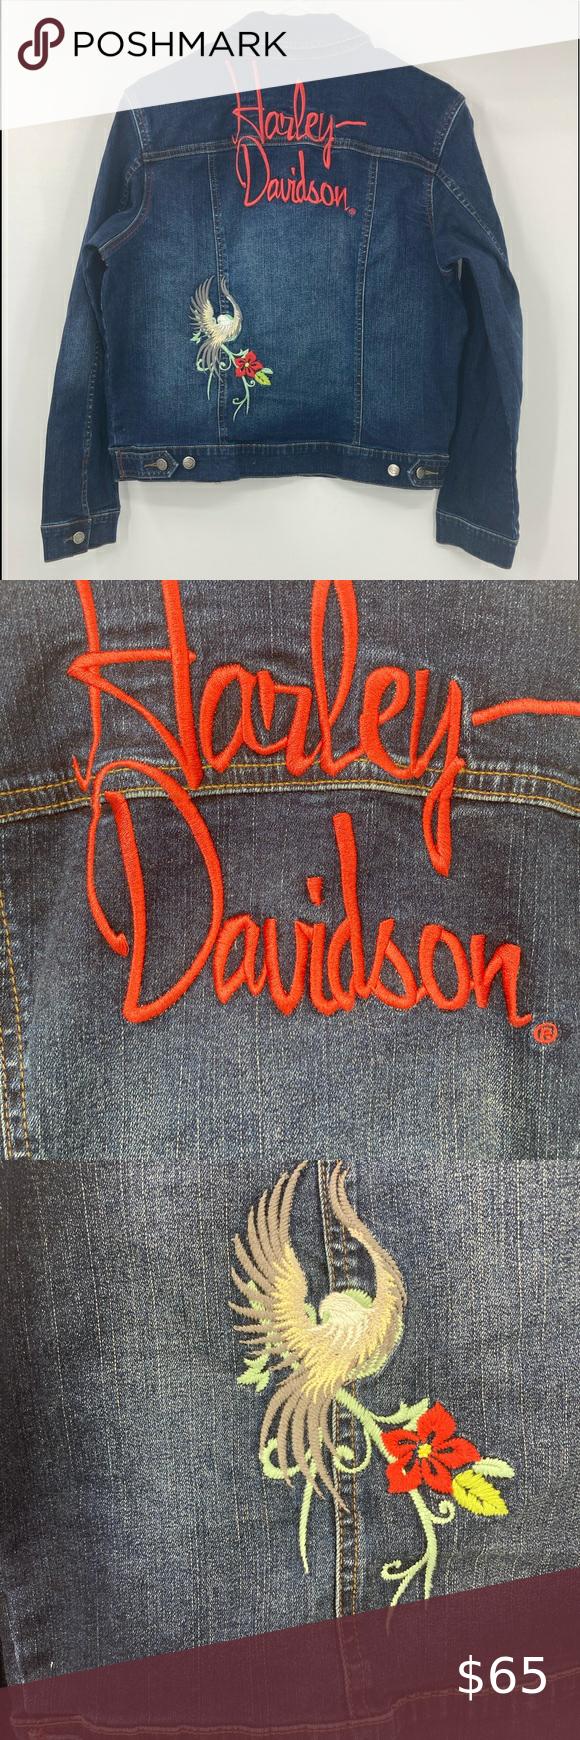 Vintage Harley Davidson Jean Jacket Embroidered Harley Davidson Jean Jacket Harley Davidson Jeans Vintage Harley Davidson [ 1740 x 580 Pixel ]